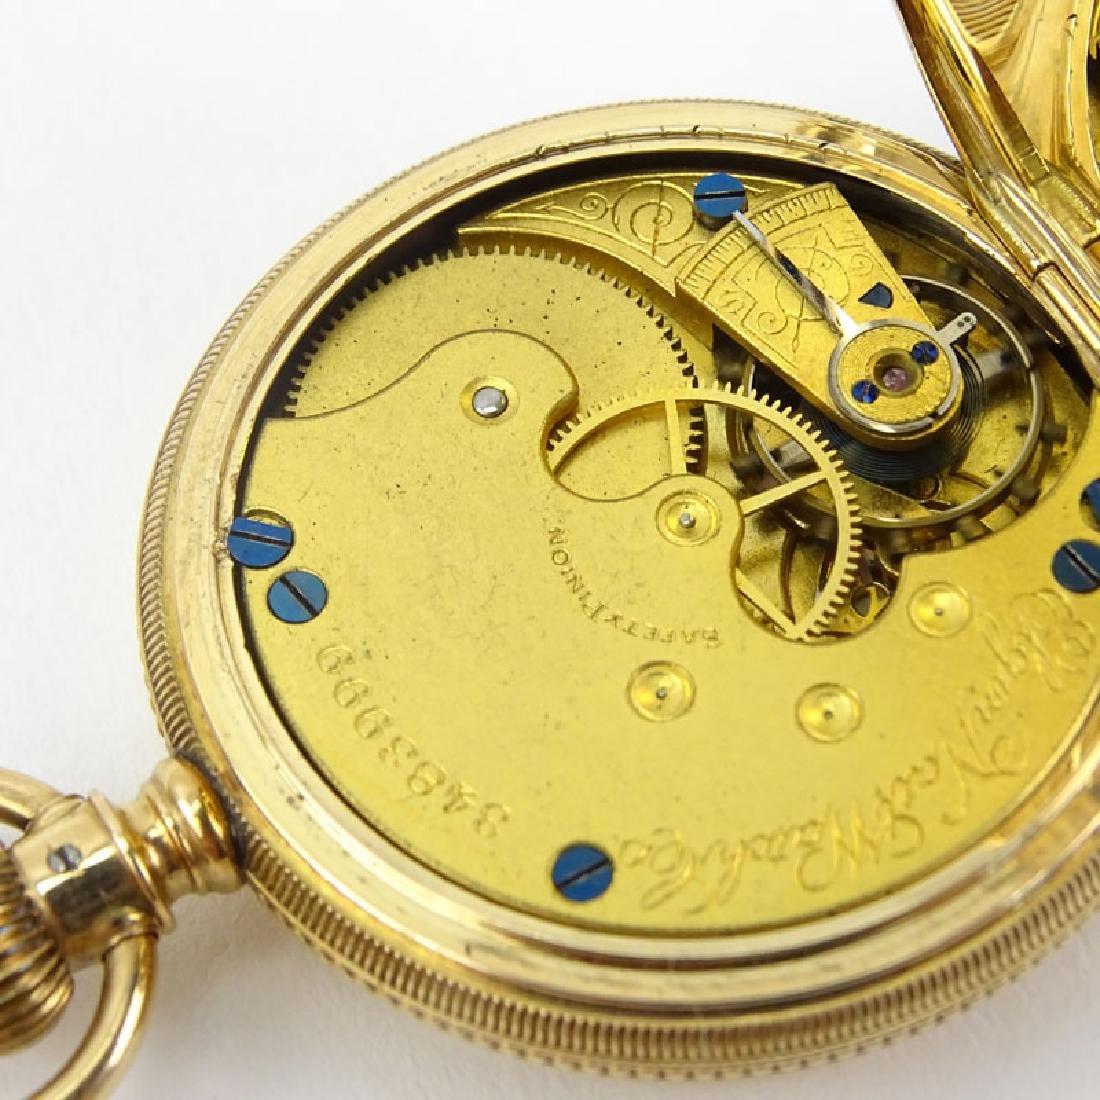 Antique Elgin 14 Karat Yellow Gold Engraved Pocket - 5